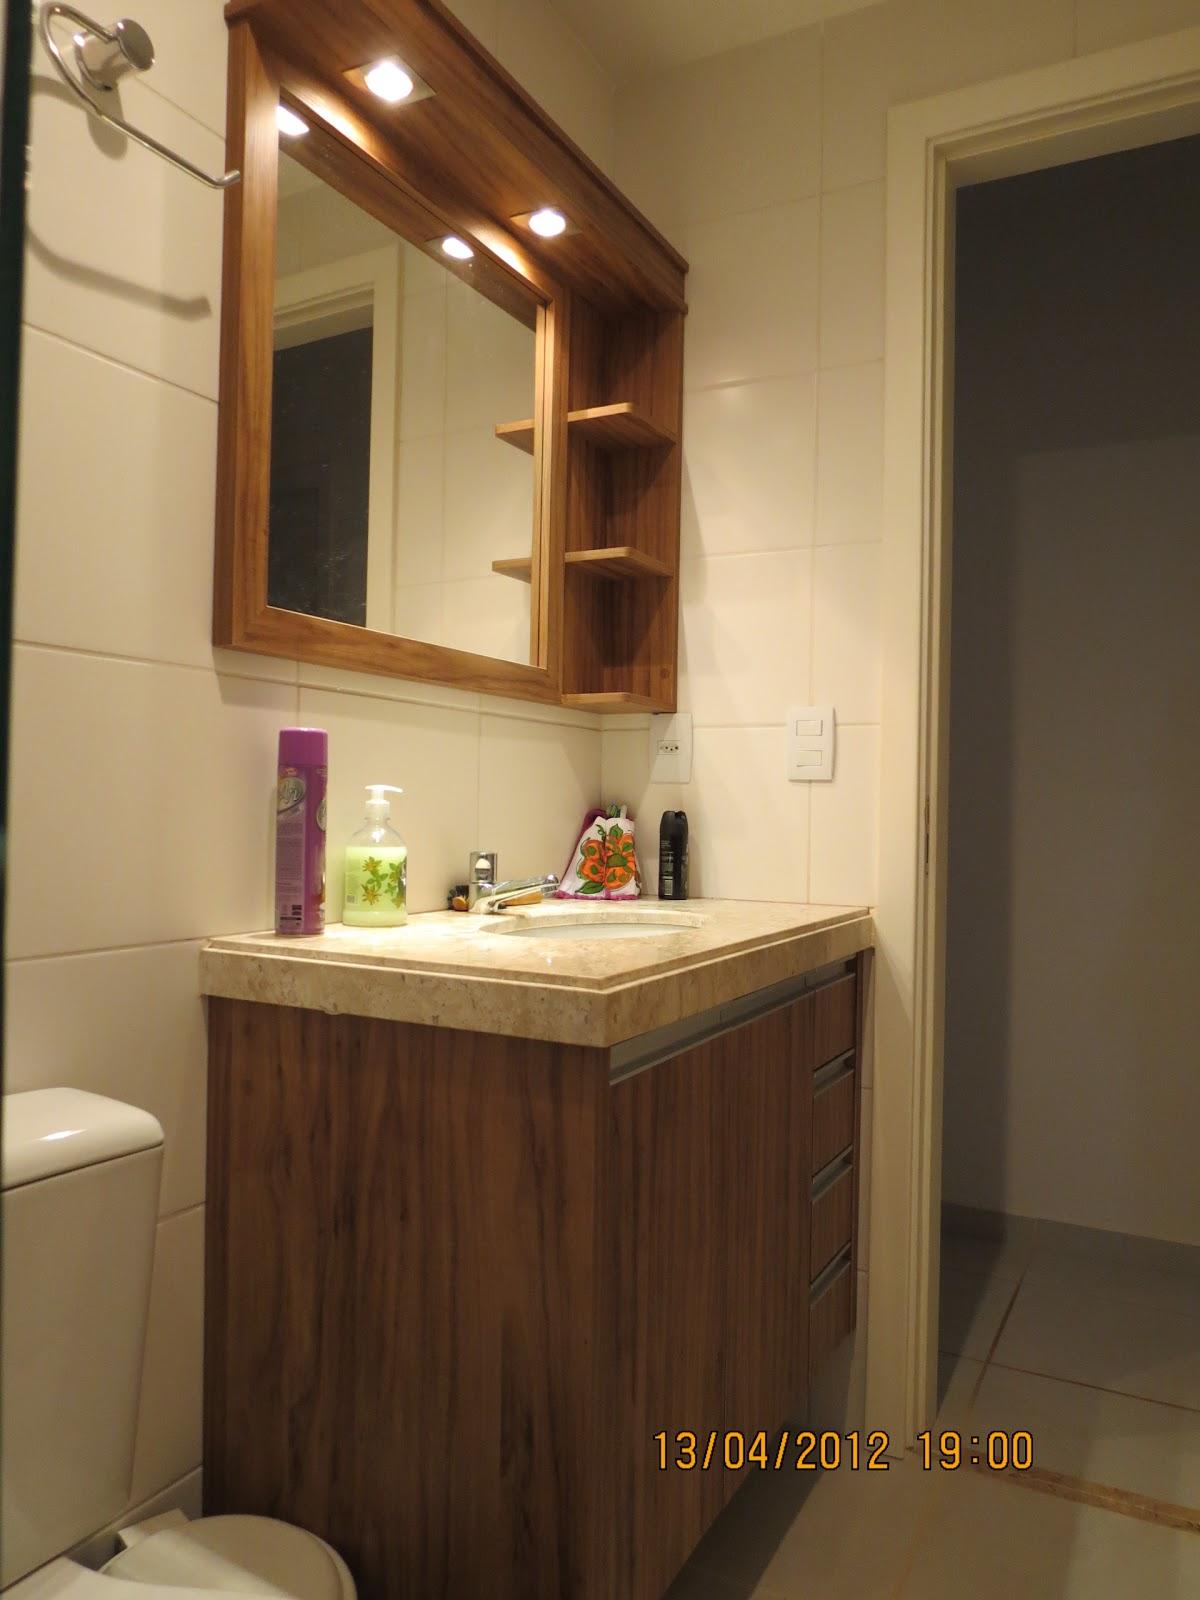 Marcenaria Arantes Armário de banheiro, mdf Amendola rustica -> Armario De Banheiro Mdf